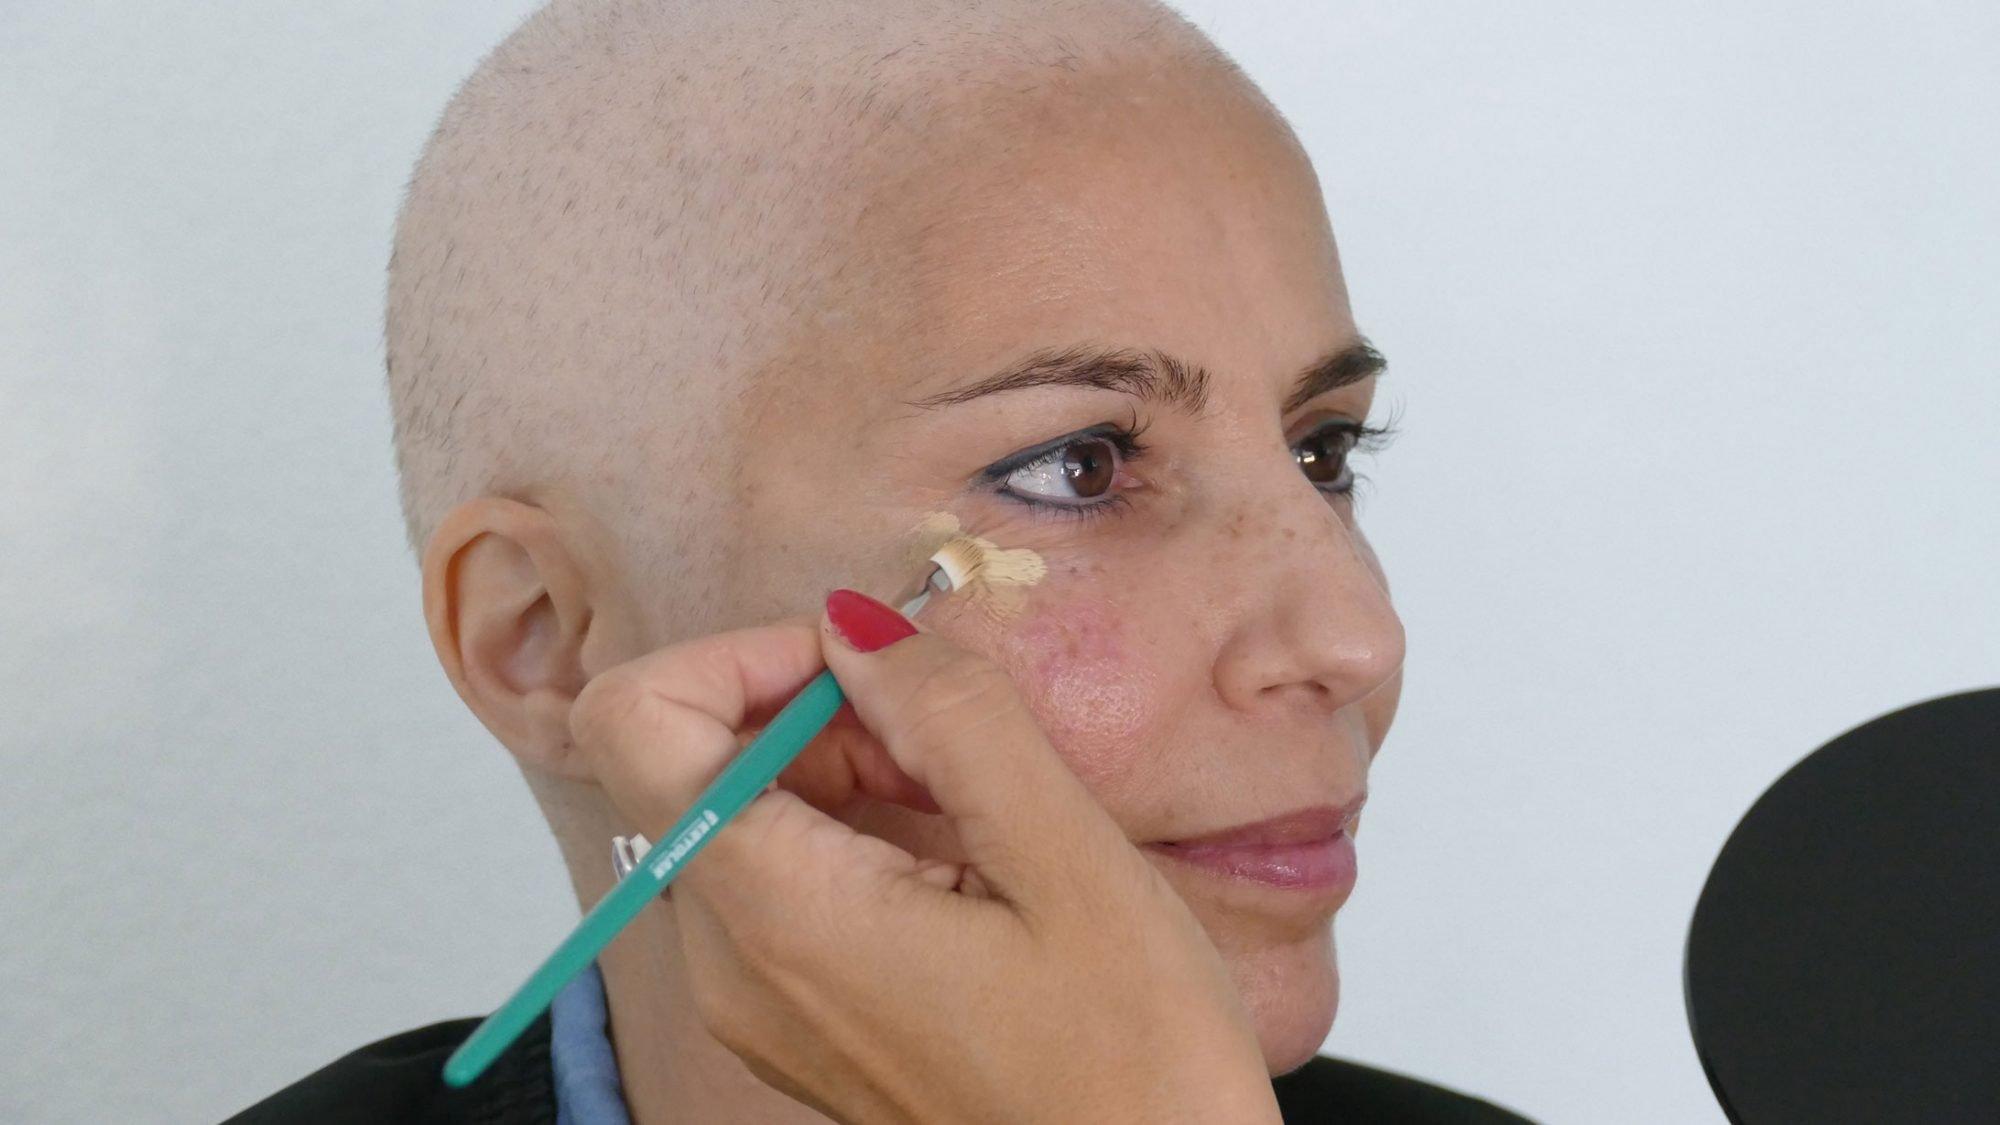 Schminktipps bei Chemotherapie: Concealer auftragen.